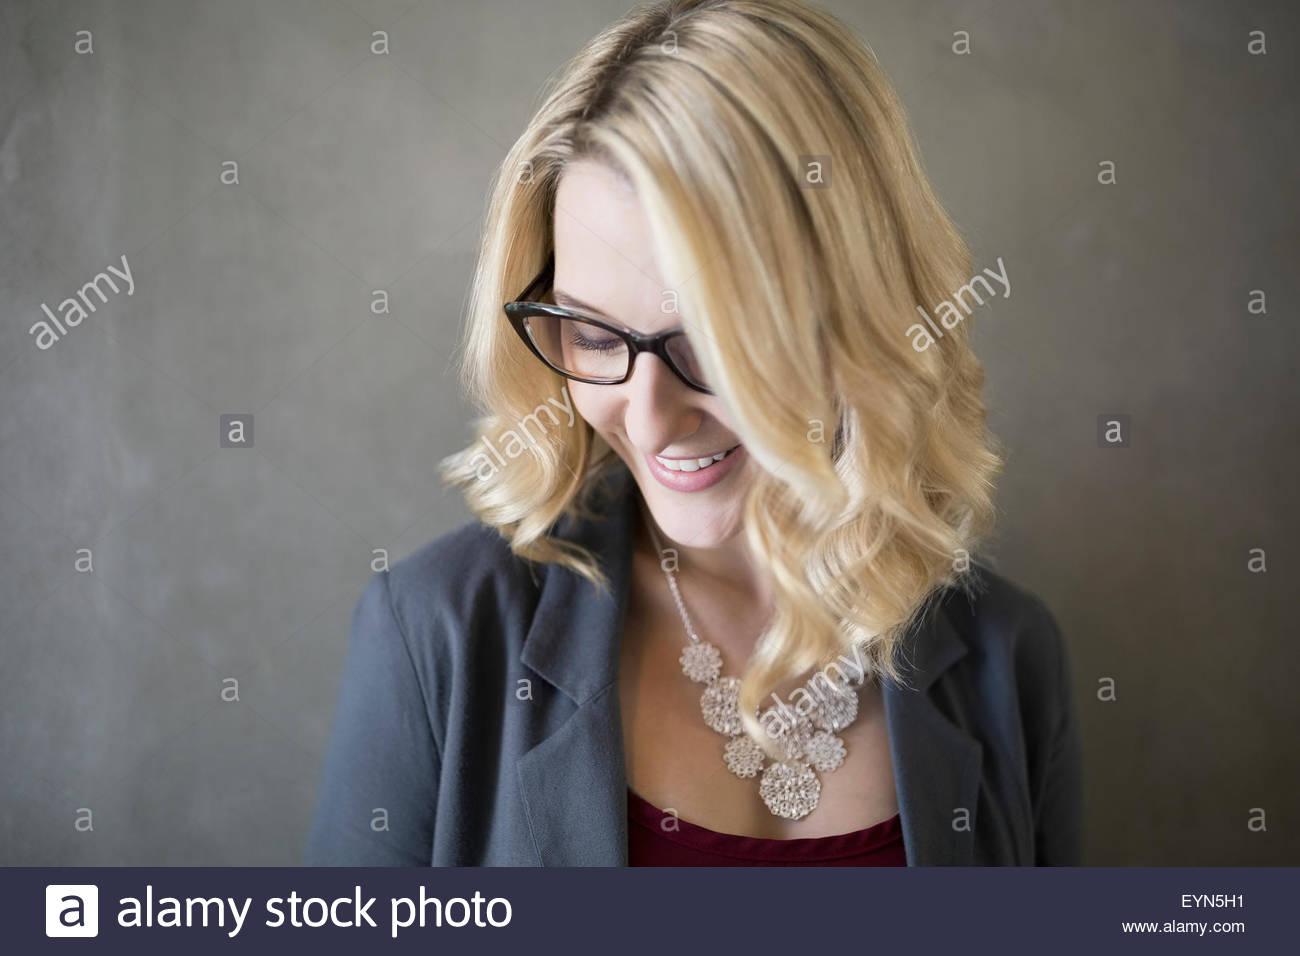 Retrato sonriente empresaria rubia con anteojos mirando hacia abajo Imagen De Stock